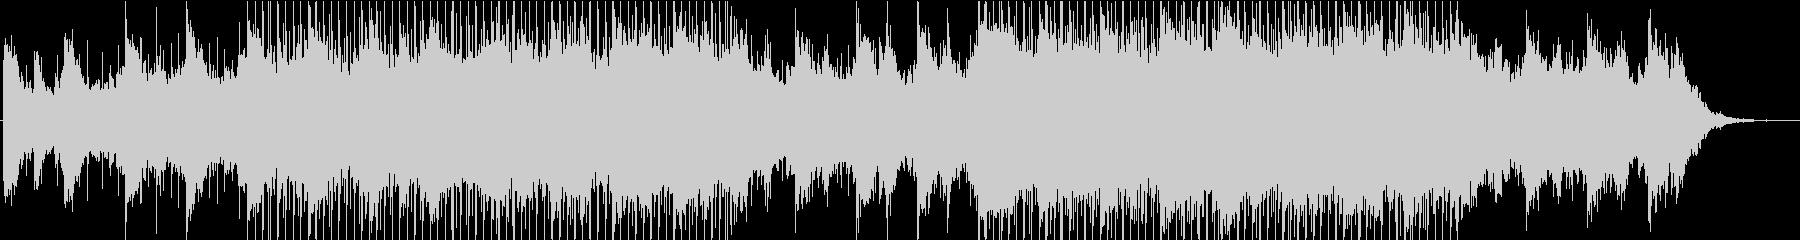 煌びやかで幻想的な洋楽系ヒーリングハウスの未再生の波形